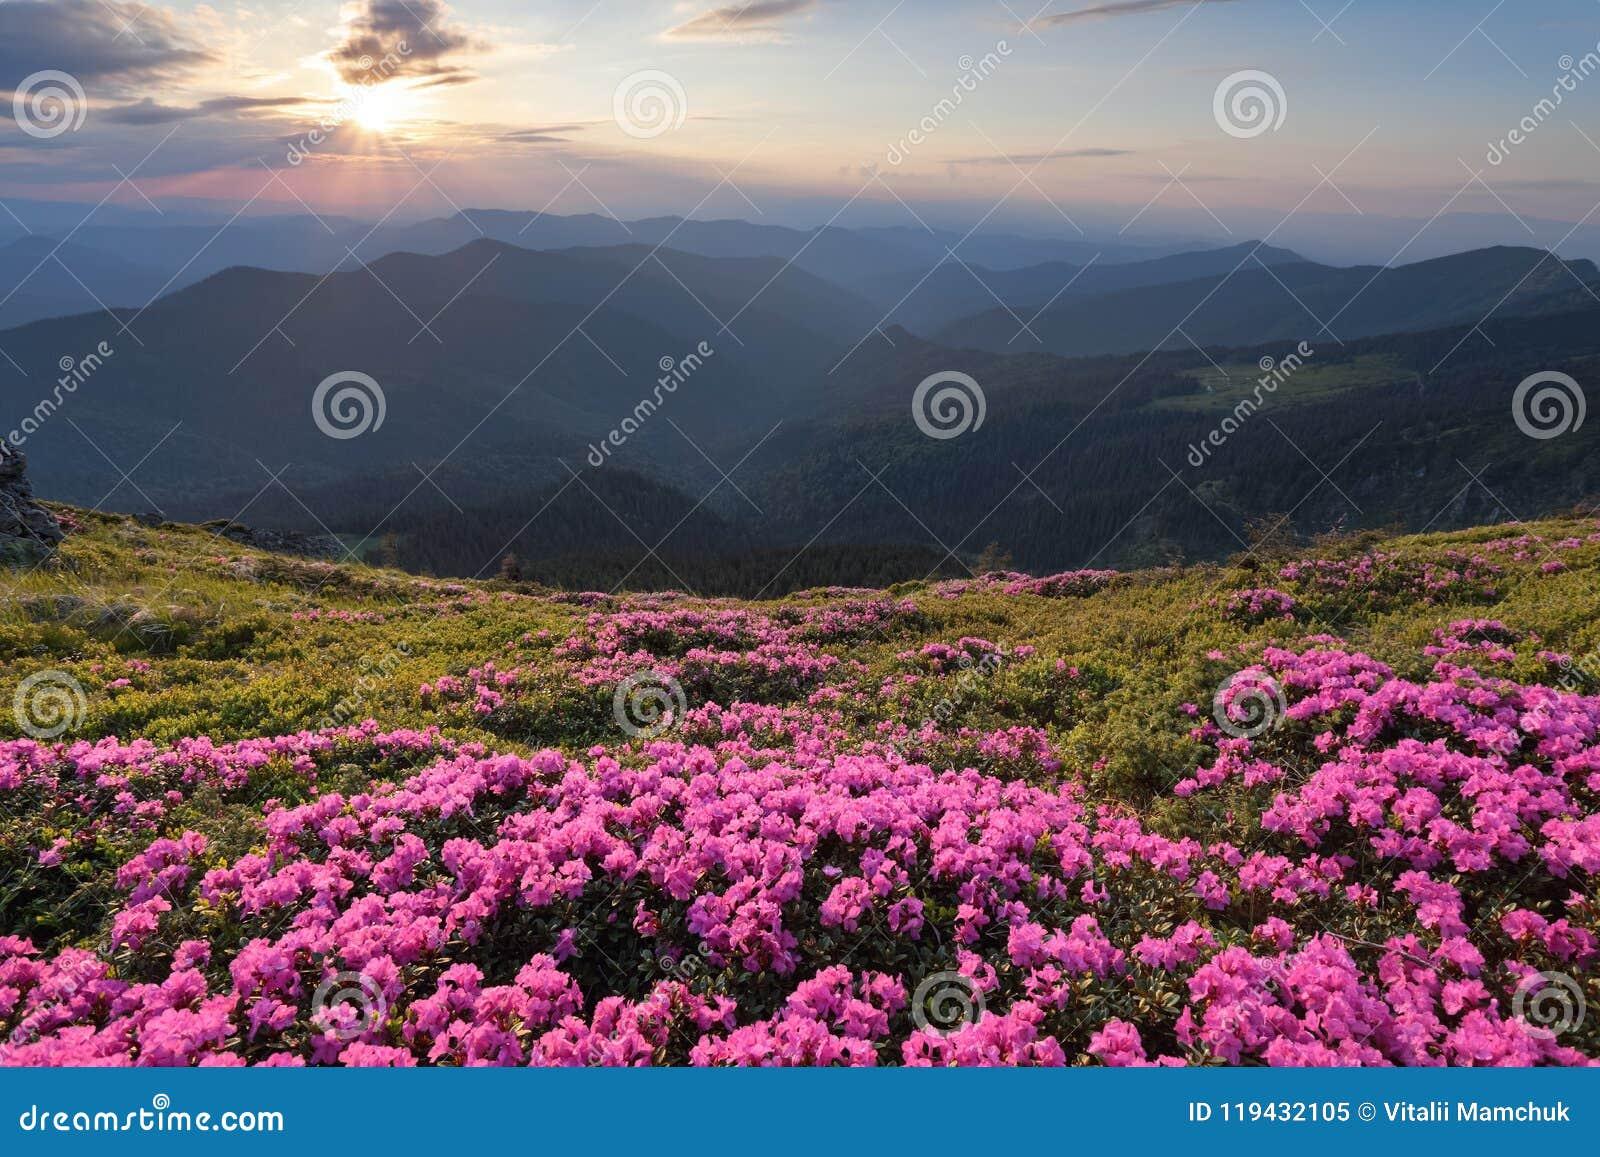 De groene vallei hoog op de bergen in de zomerdag is spangled met vele aardige roze rododendrons De zonsondergang met stralen